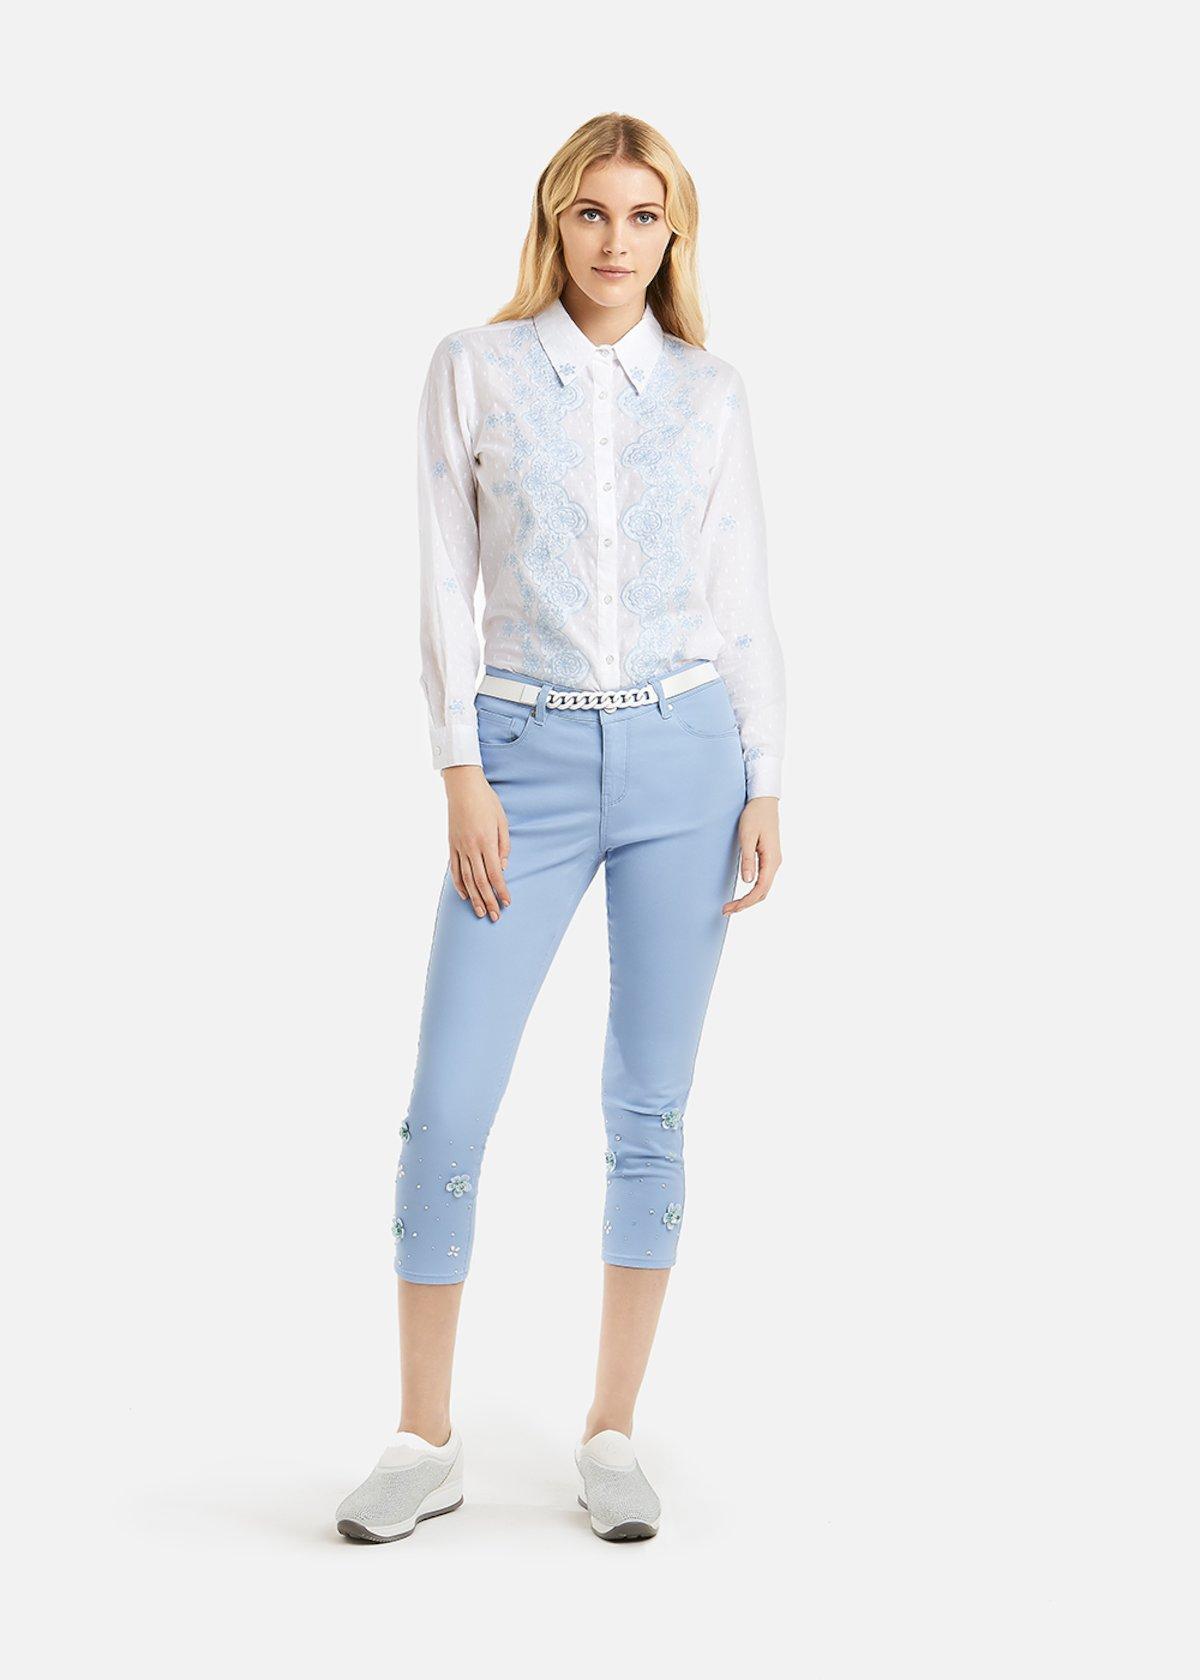 Pantaloni Picky 5 tasche con dettaglio fiori